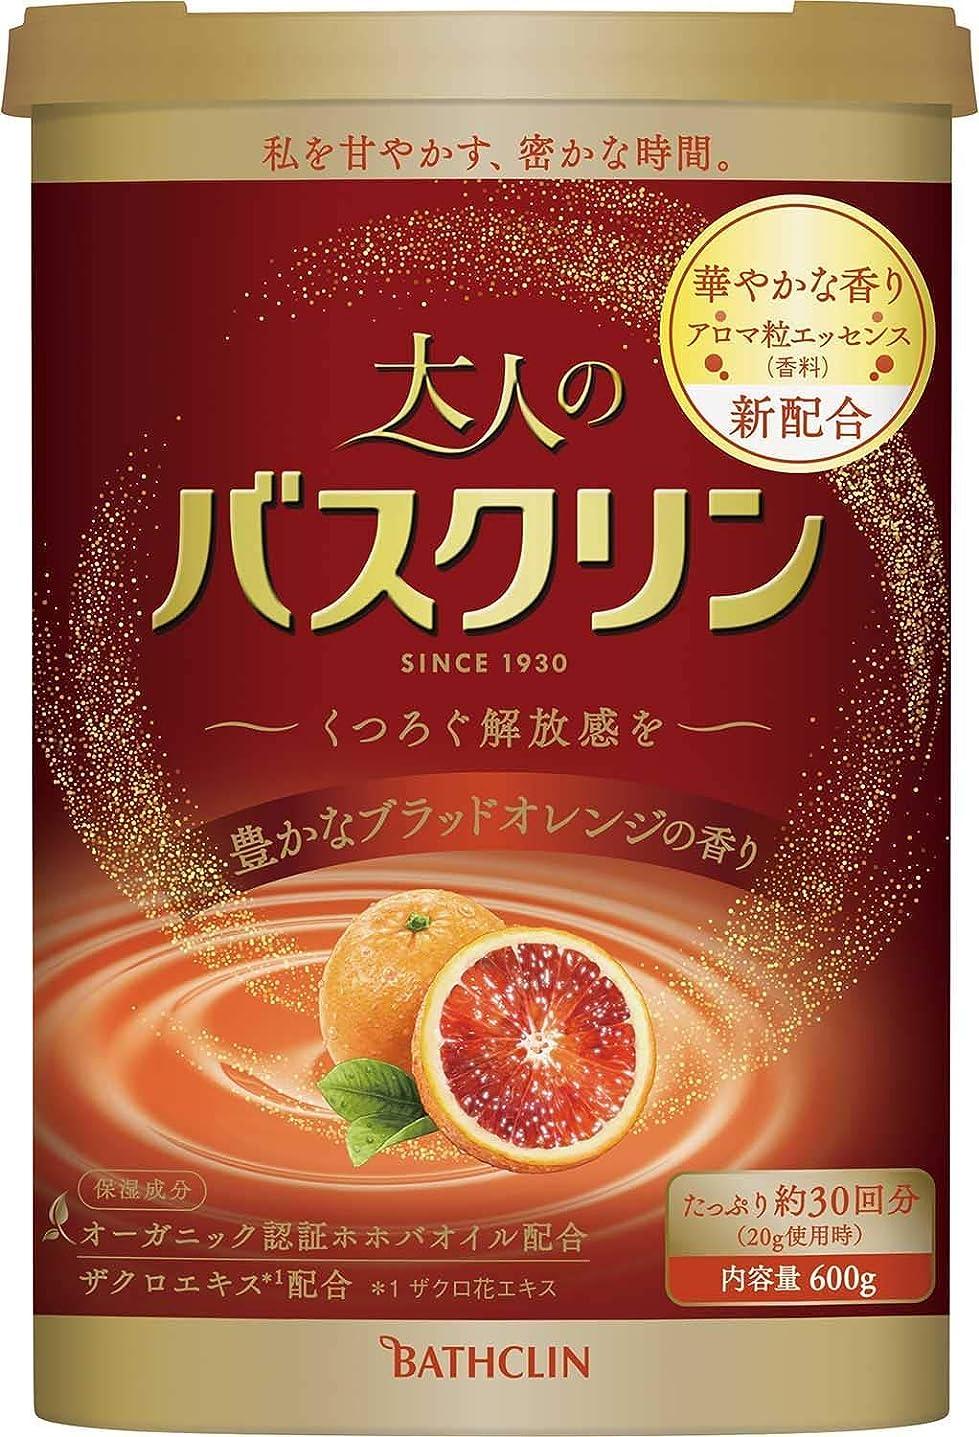 電気技師ビュッフェ感情大人のバスクリン豊かなブラッドオレンジの香り600g入浴剤(約30回分)